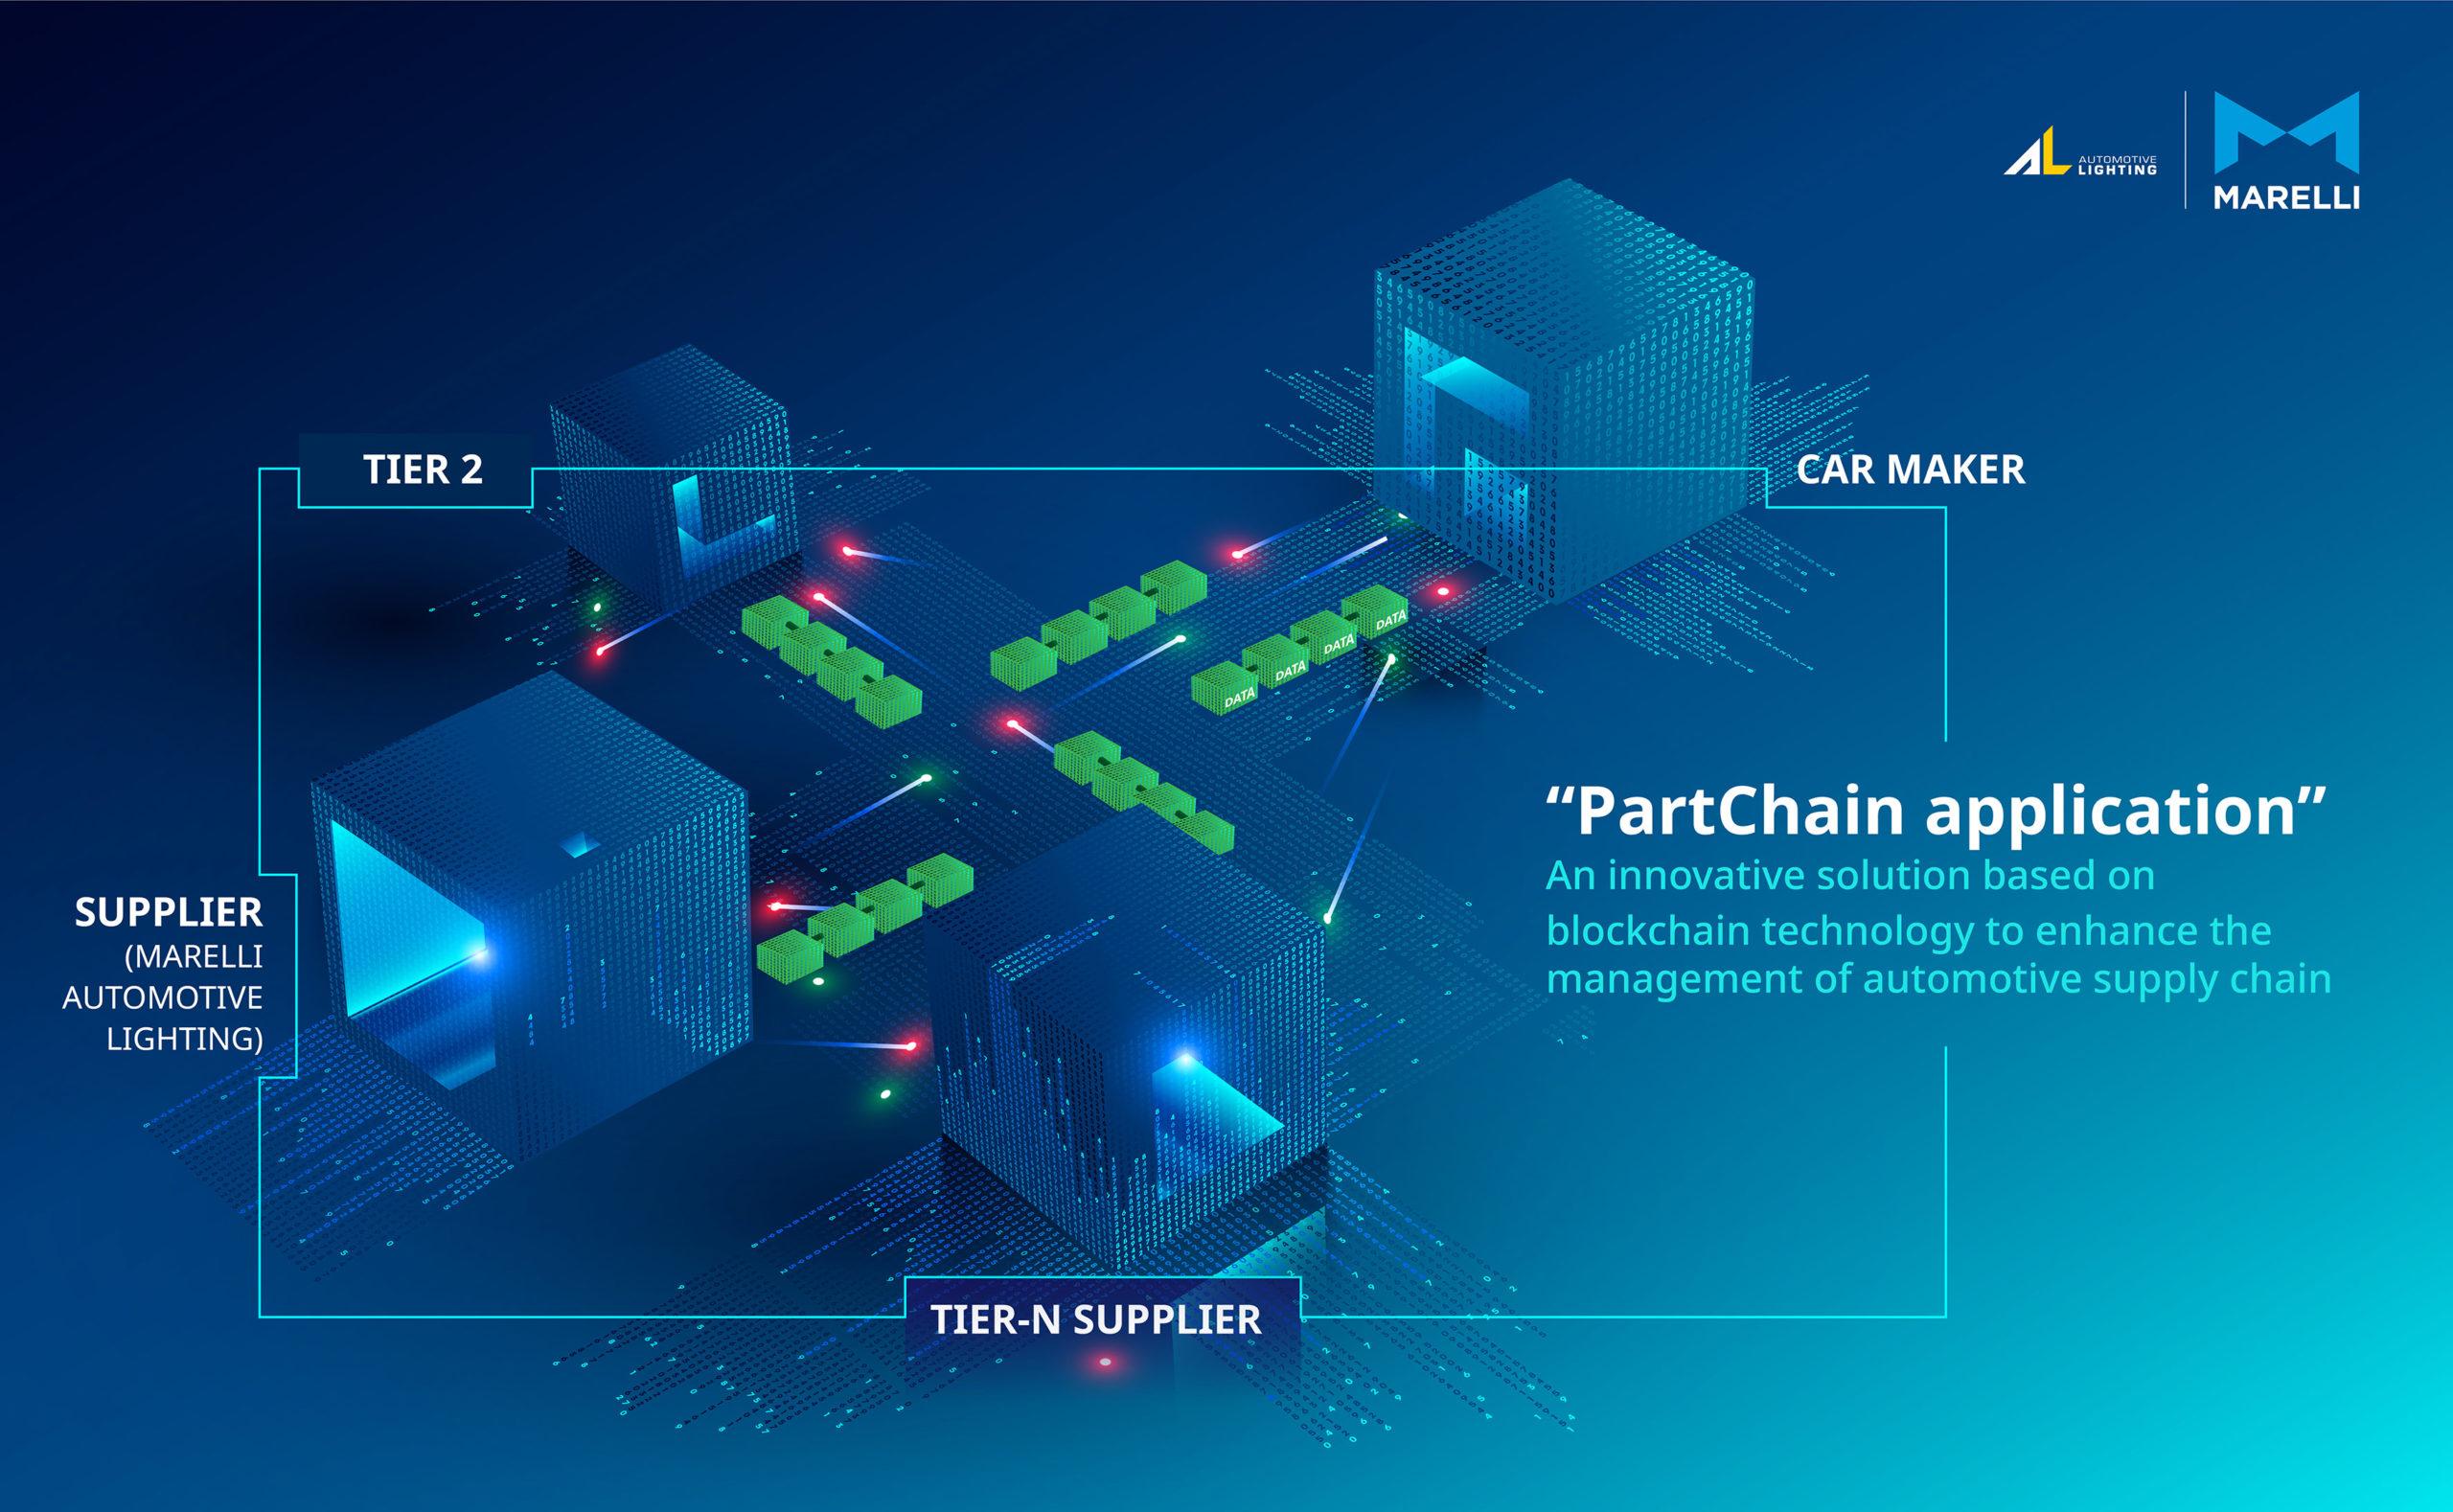 Marelli blockchain technology